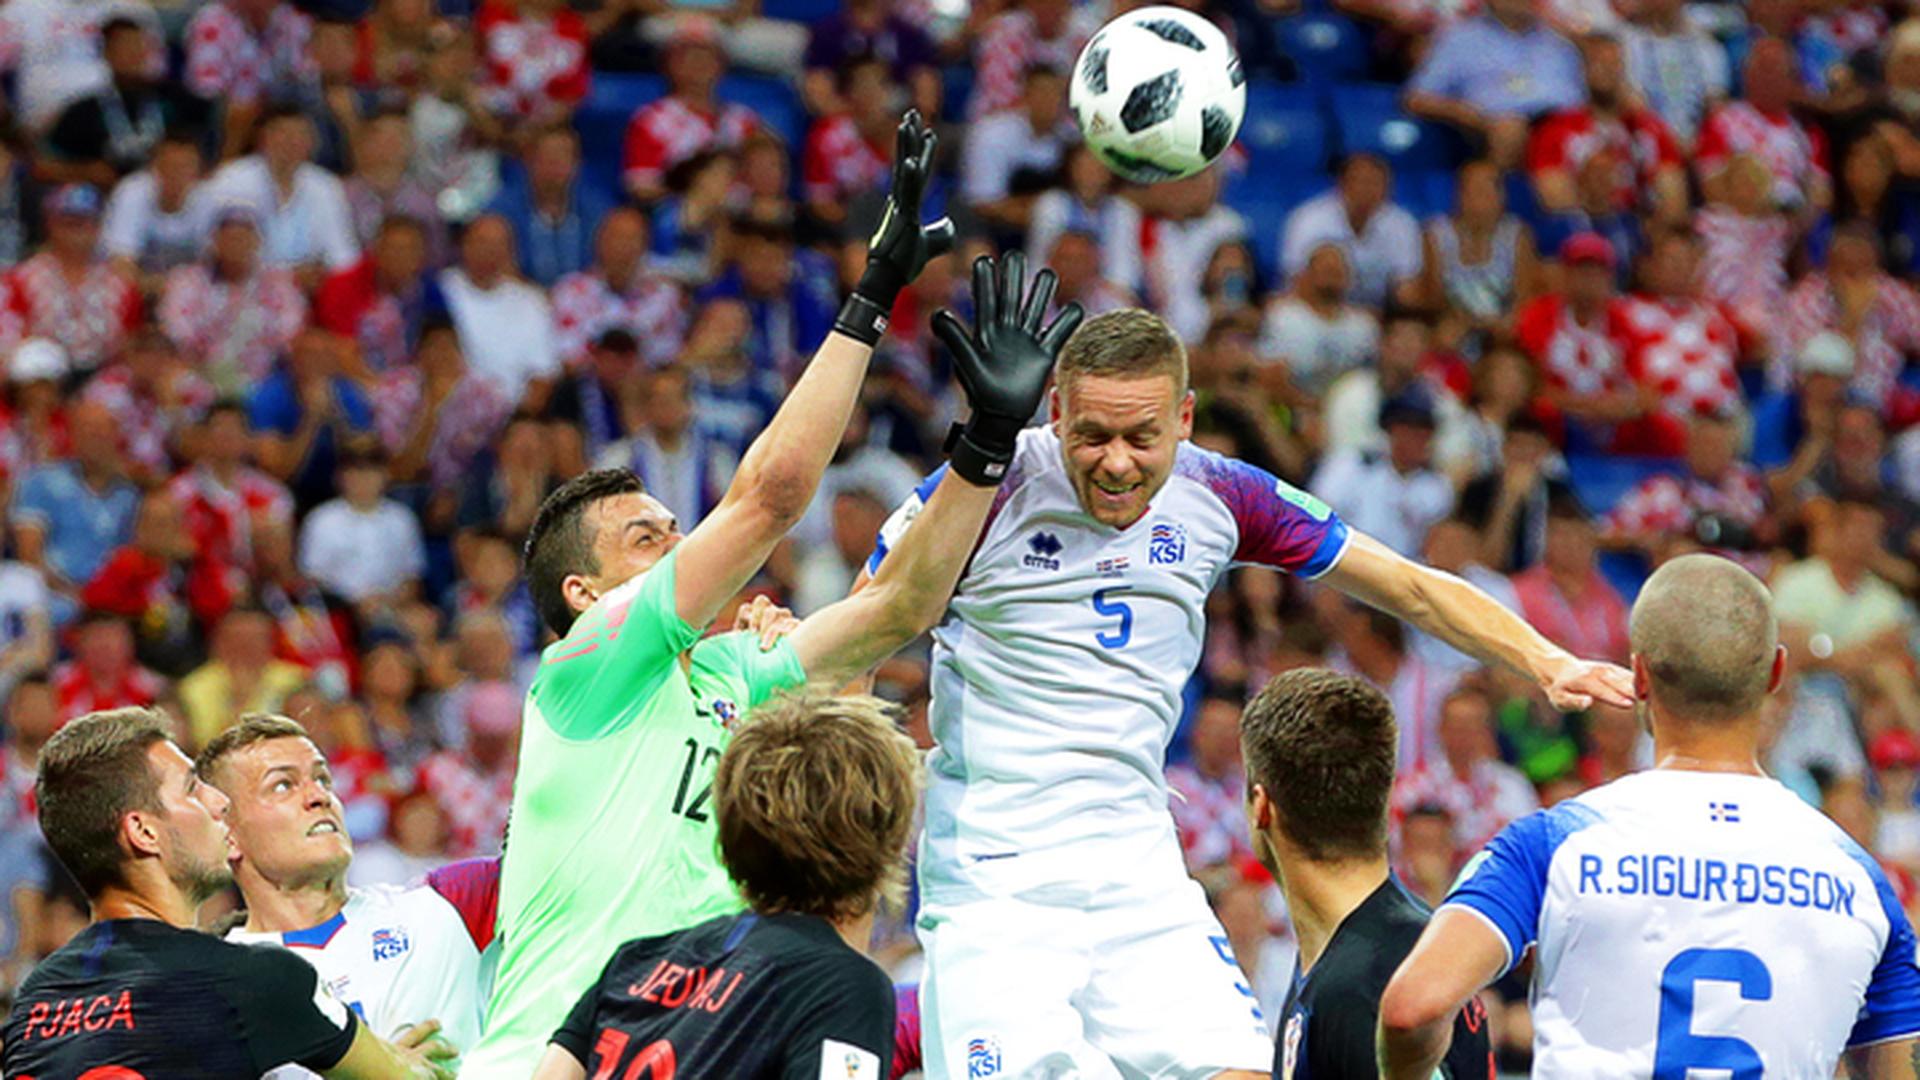 Исландцы уступили хорватам и не смогли выйти в плей-офф чемпионата мира